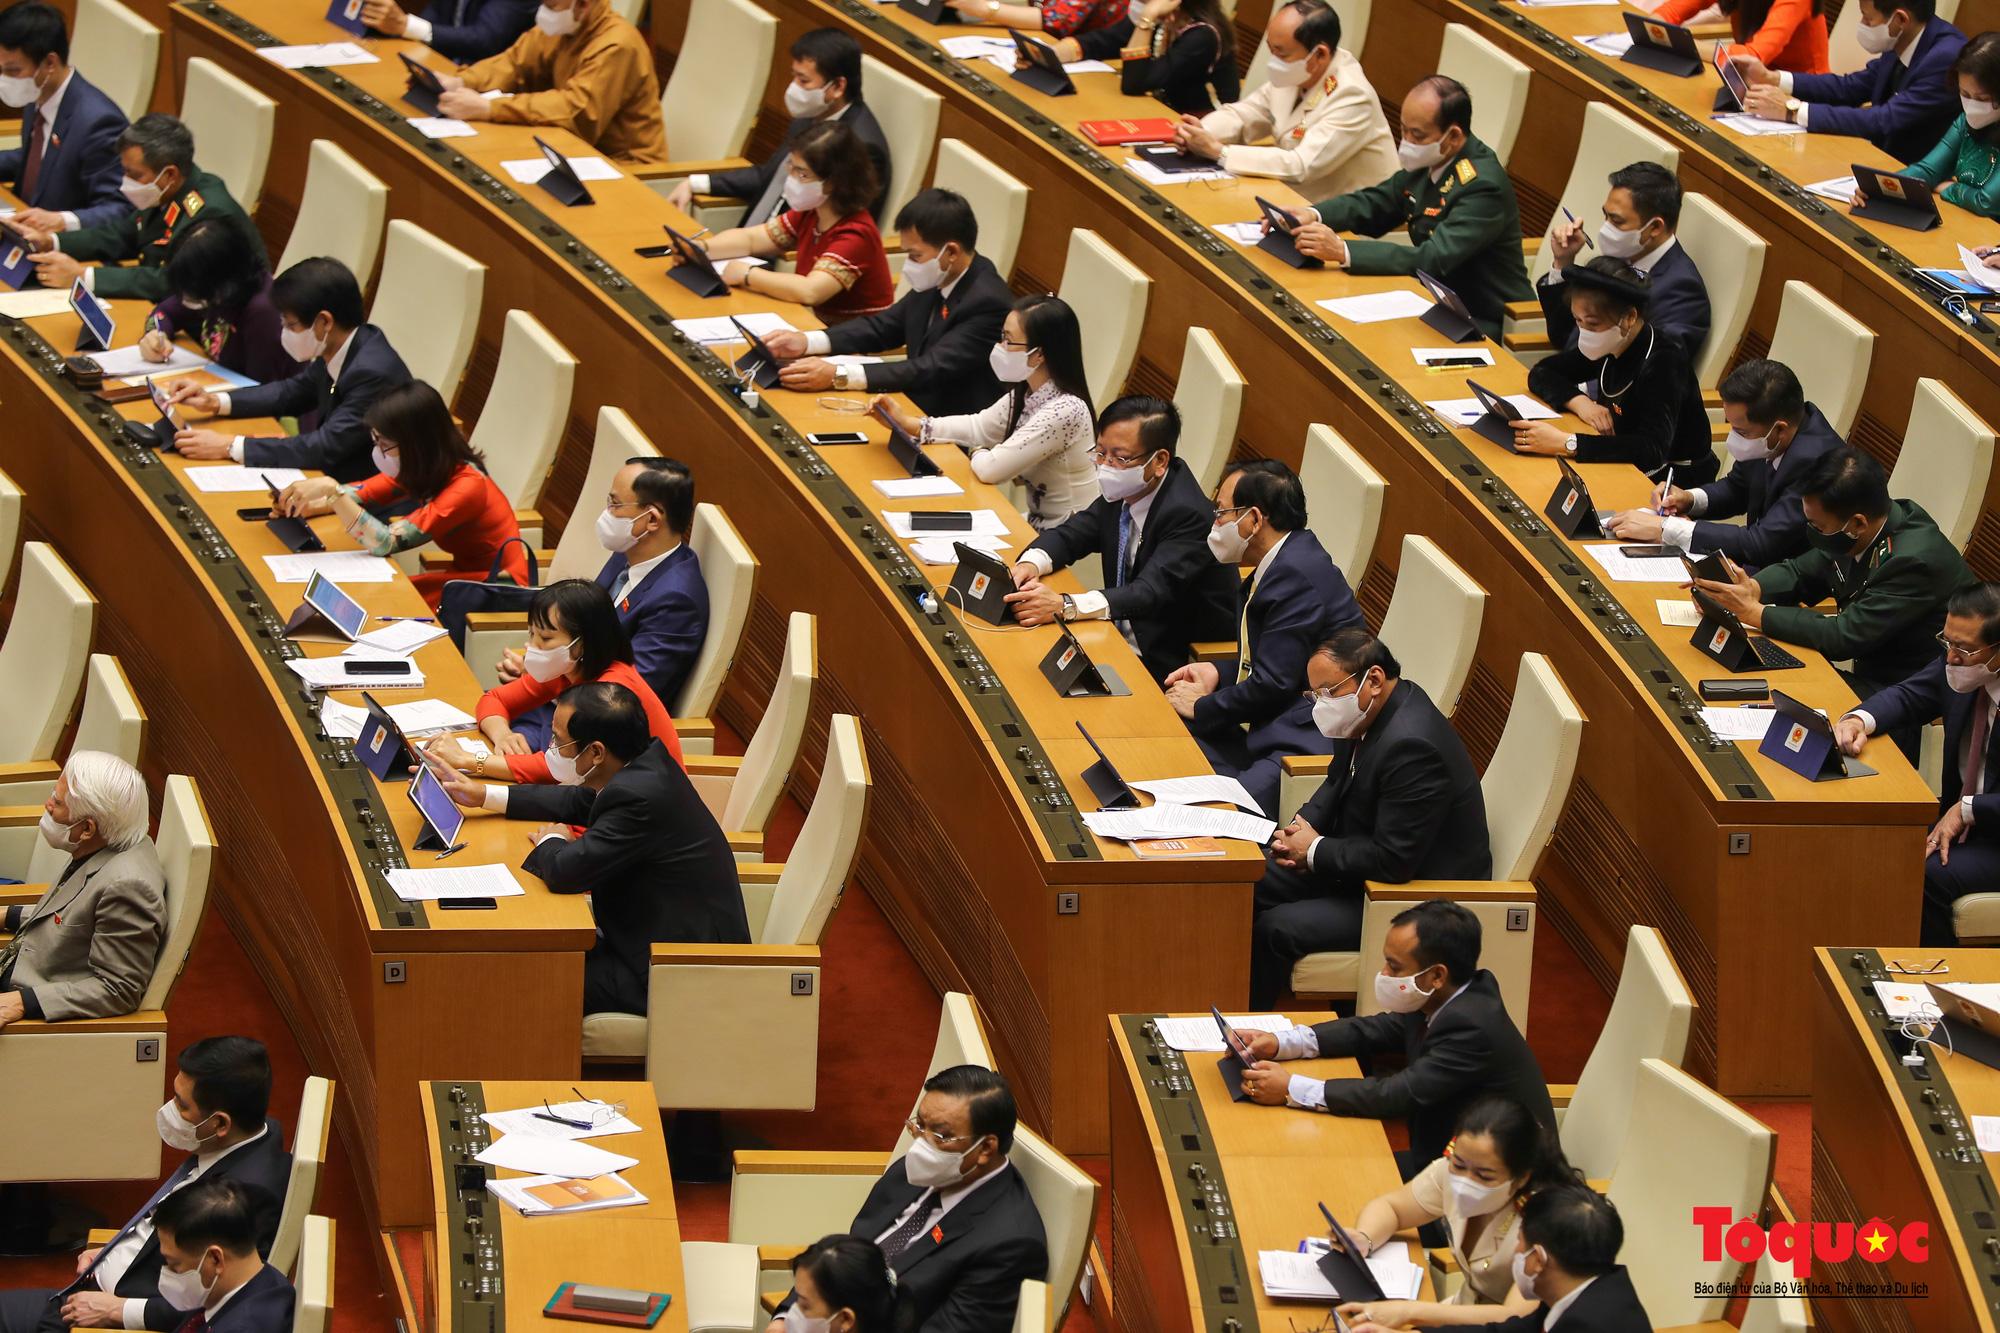 Chùm ảnh: Khai mạc trọng thể Kỳ họp thứ nhất, Quốc hội khóa XV - Ảnh 4.